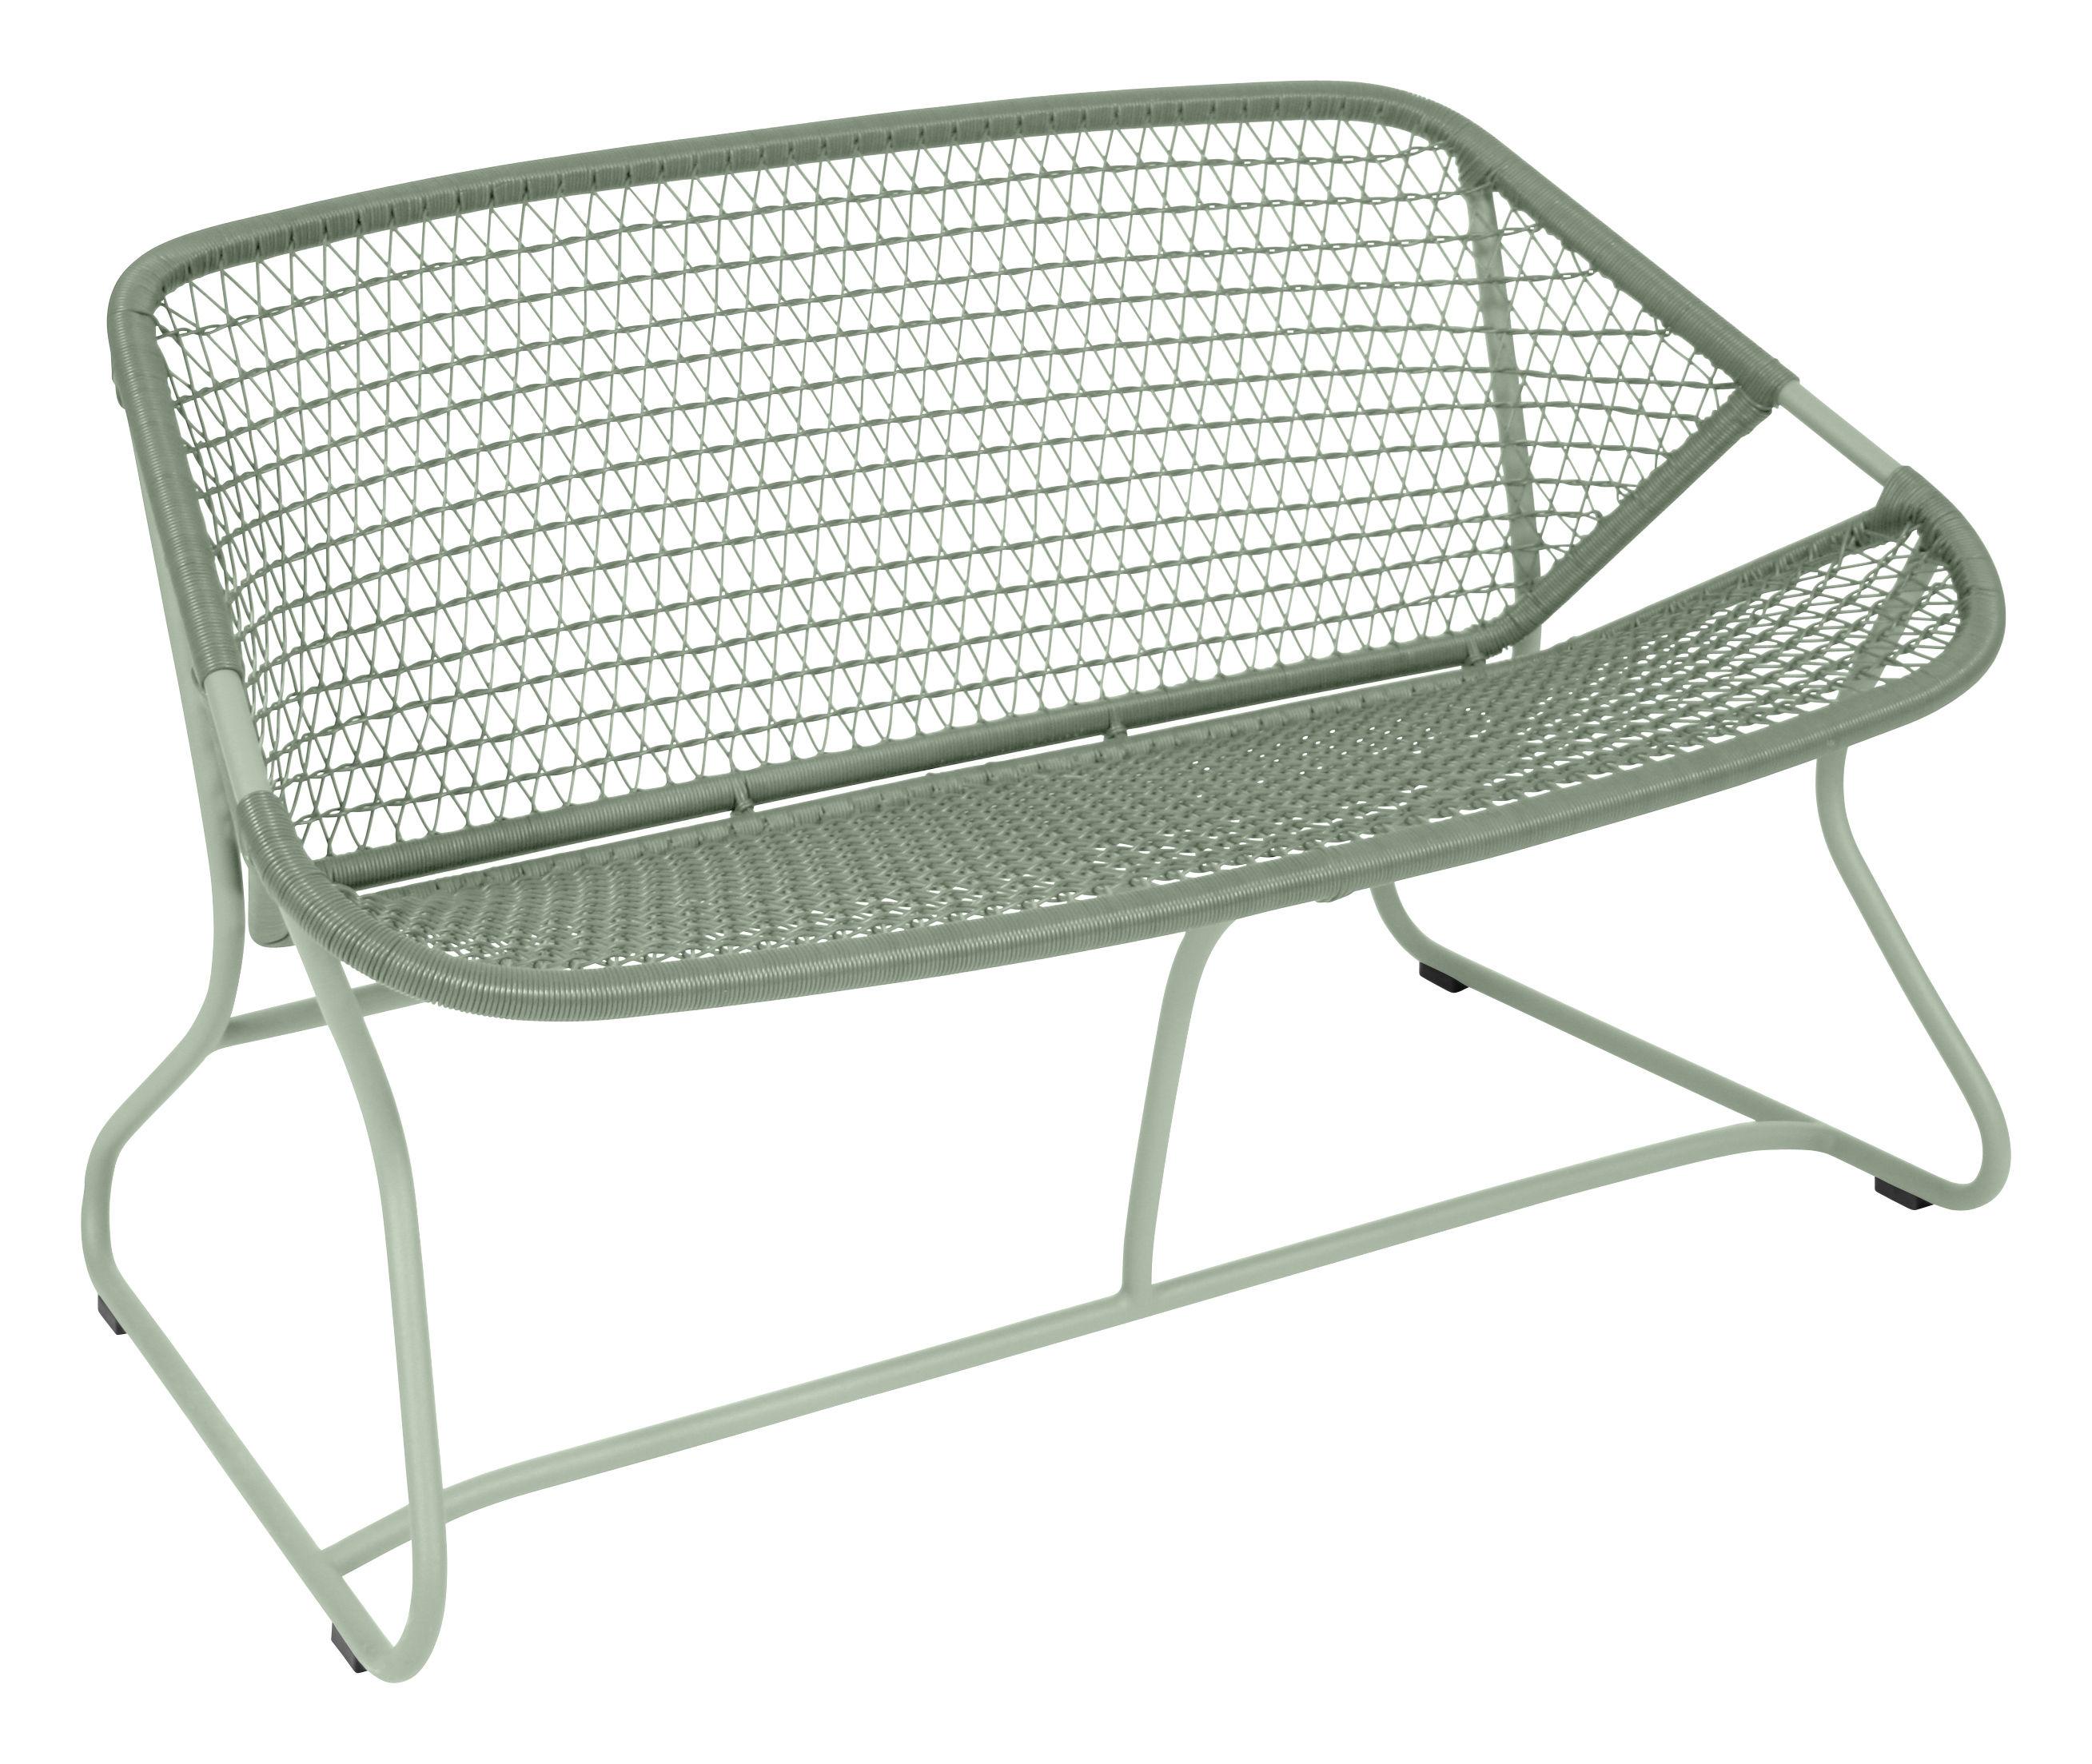 Arredamento - Panchine - Divano 2 posti Sixties - / L 118 cm - Plastica intrecciata di Fermob - Cactus - Alluminio, Résine polymère